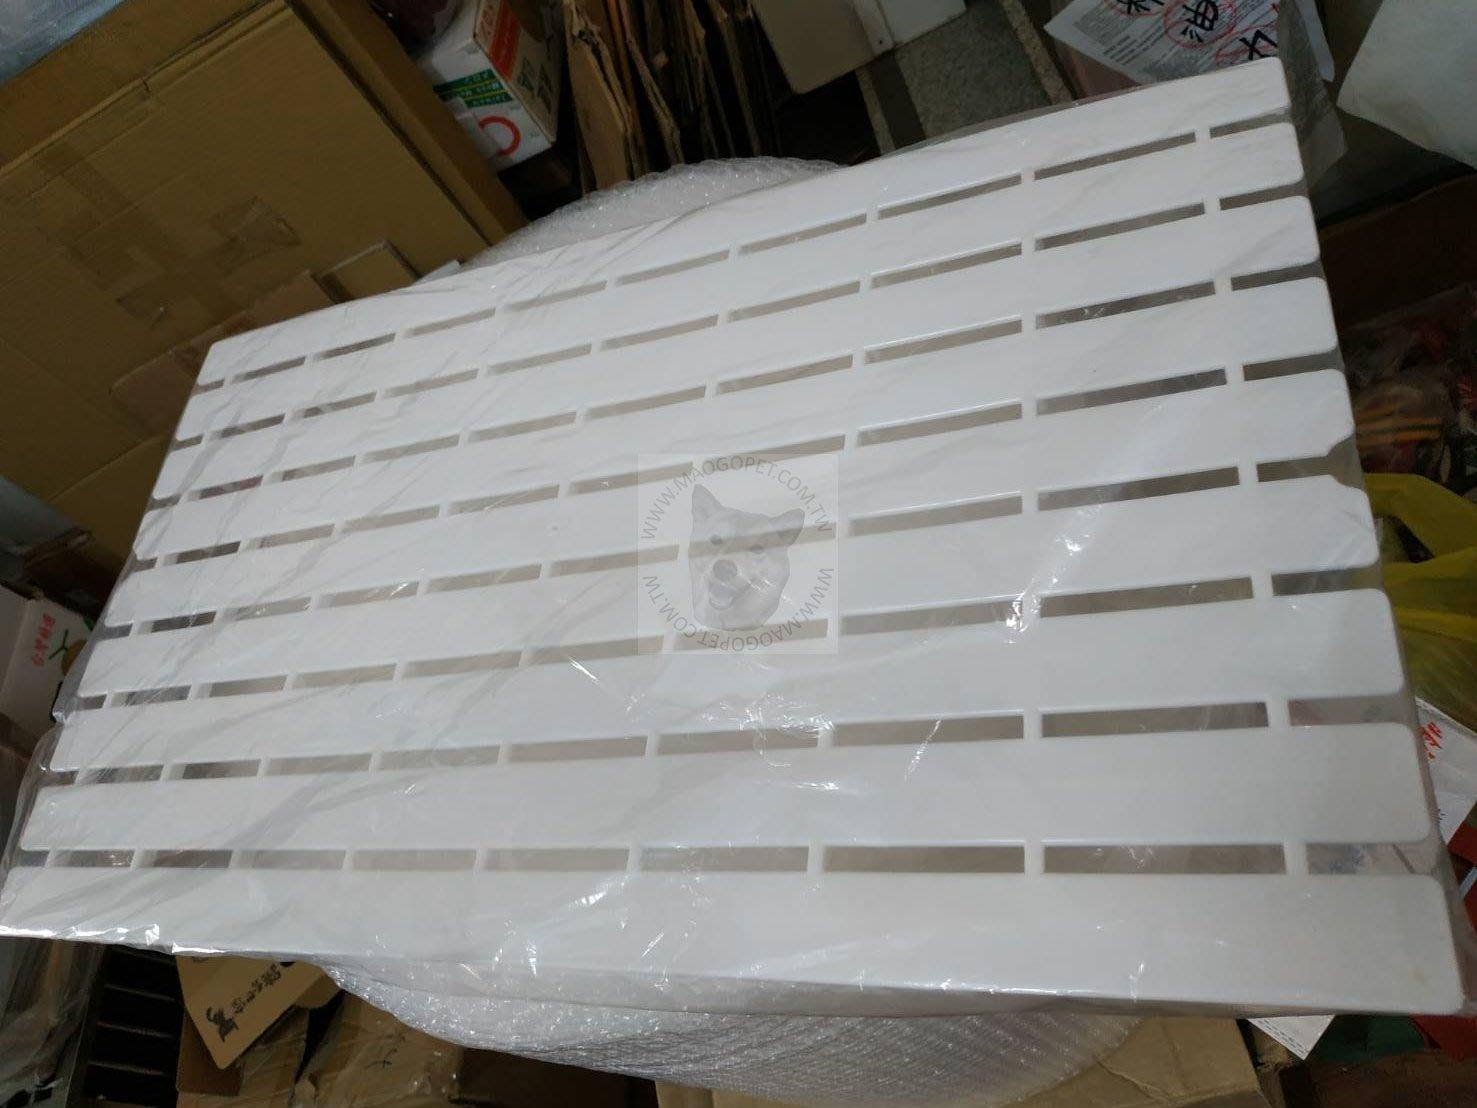 皇冠 ACEPET 塑膠底墊 腳踏墊 籠內足浴板(適 743兔籠)#846-1,換洗購2件470元